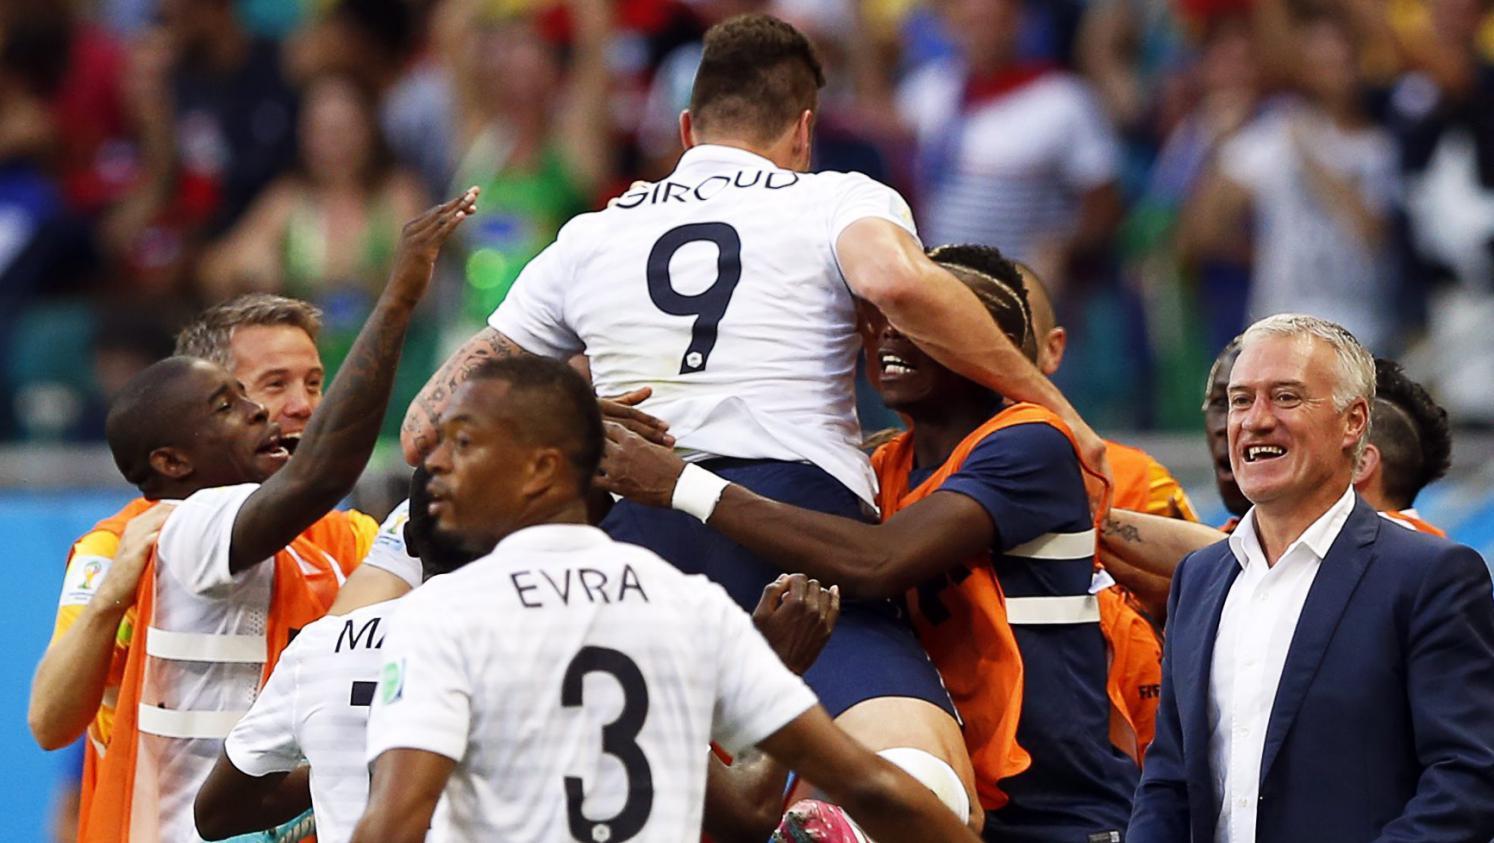 Coupe du monde revivez la victoire de la france sur la suisse 5 2 minute par minute - Jeux de foot match coupe du monde ...